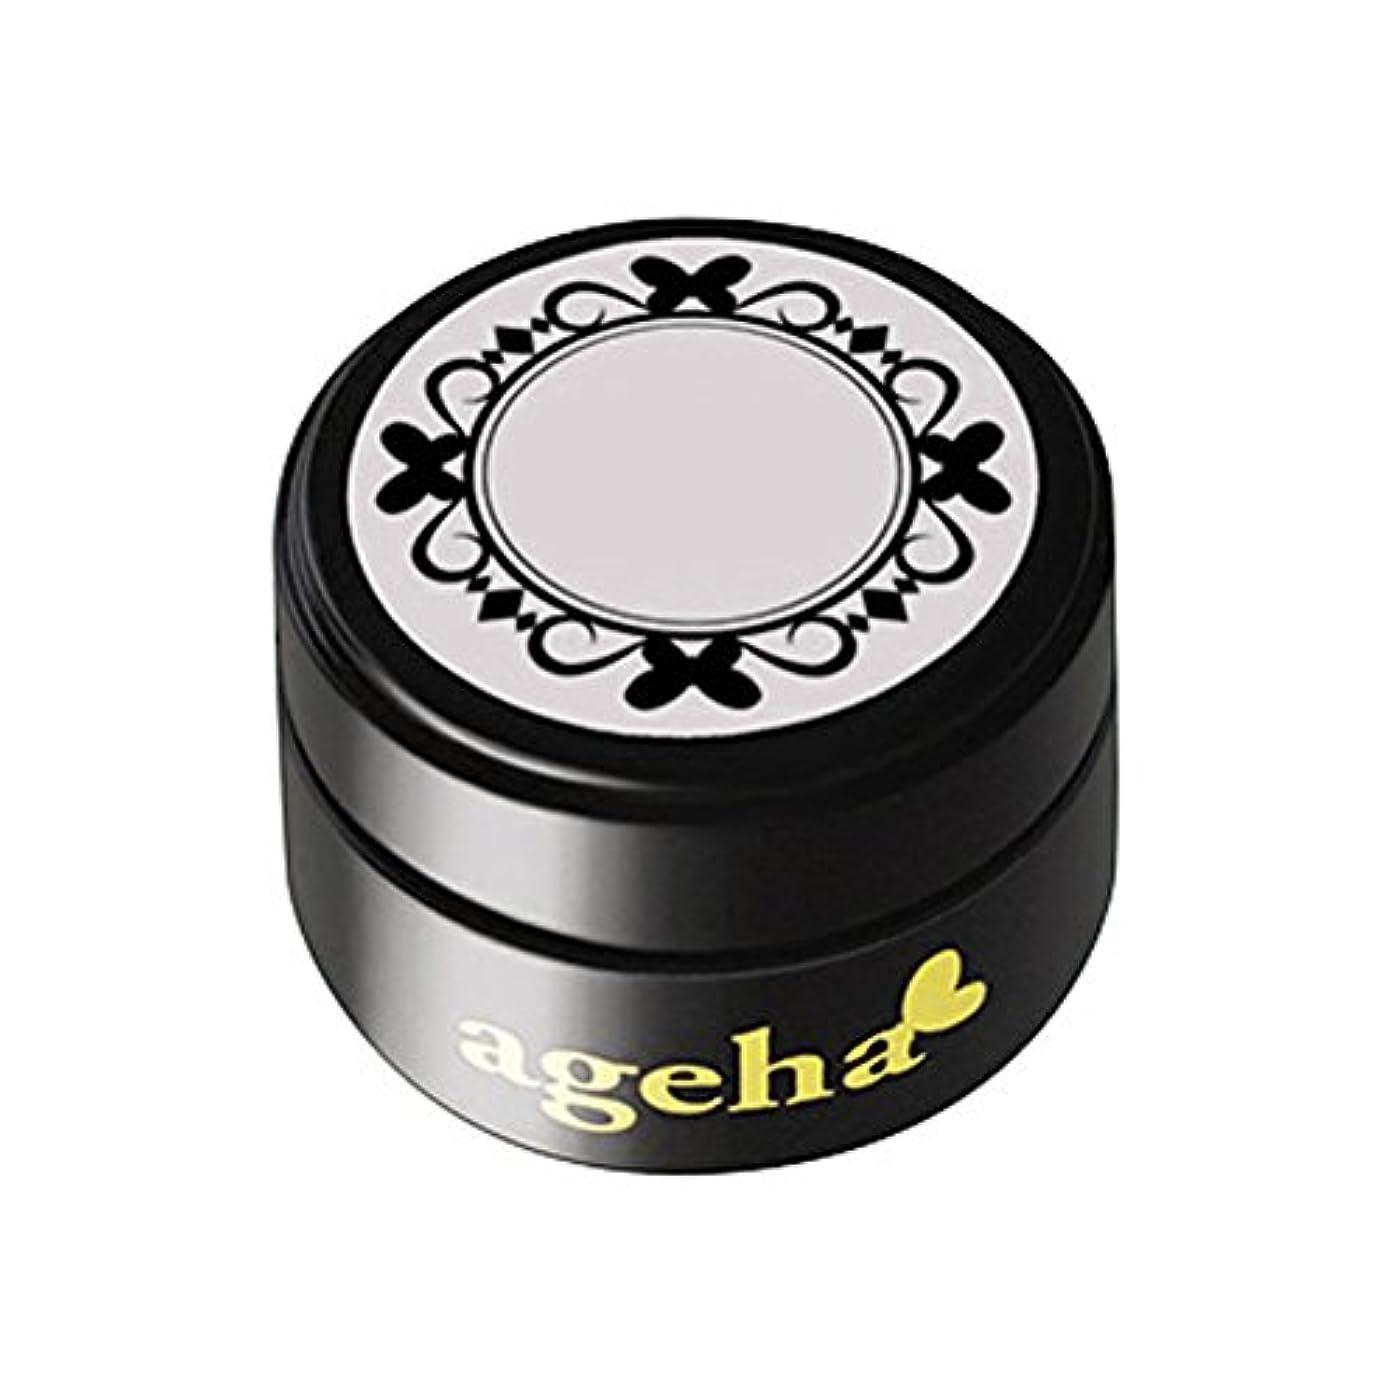 打ち上げる合計知覚ageha gel カラージェル コスメカラー 101 ウォルナット 2.7g UV/LED対応